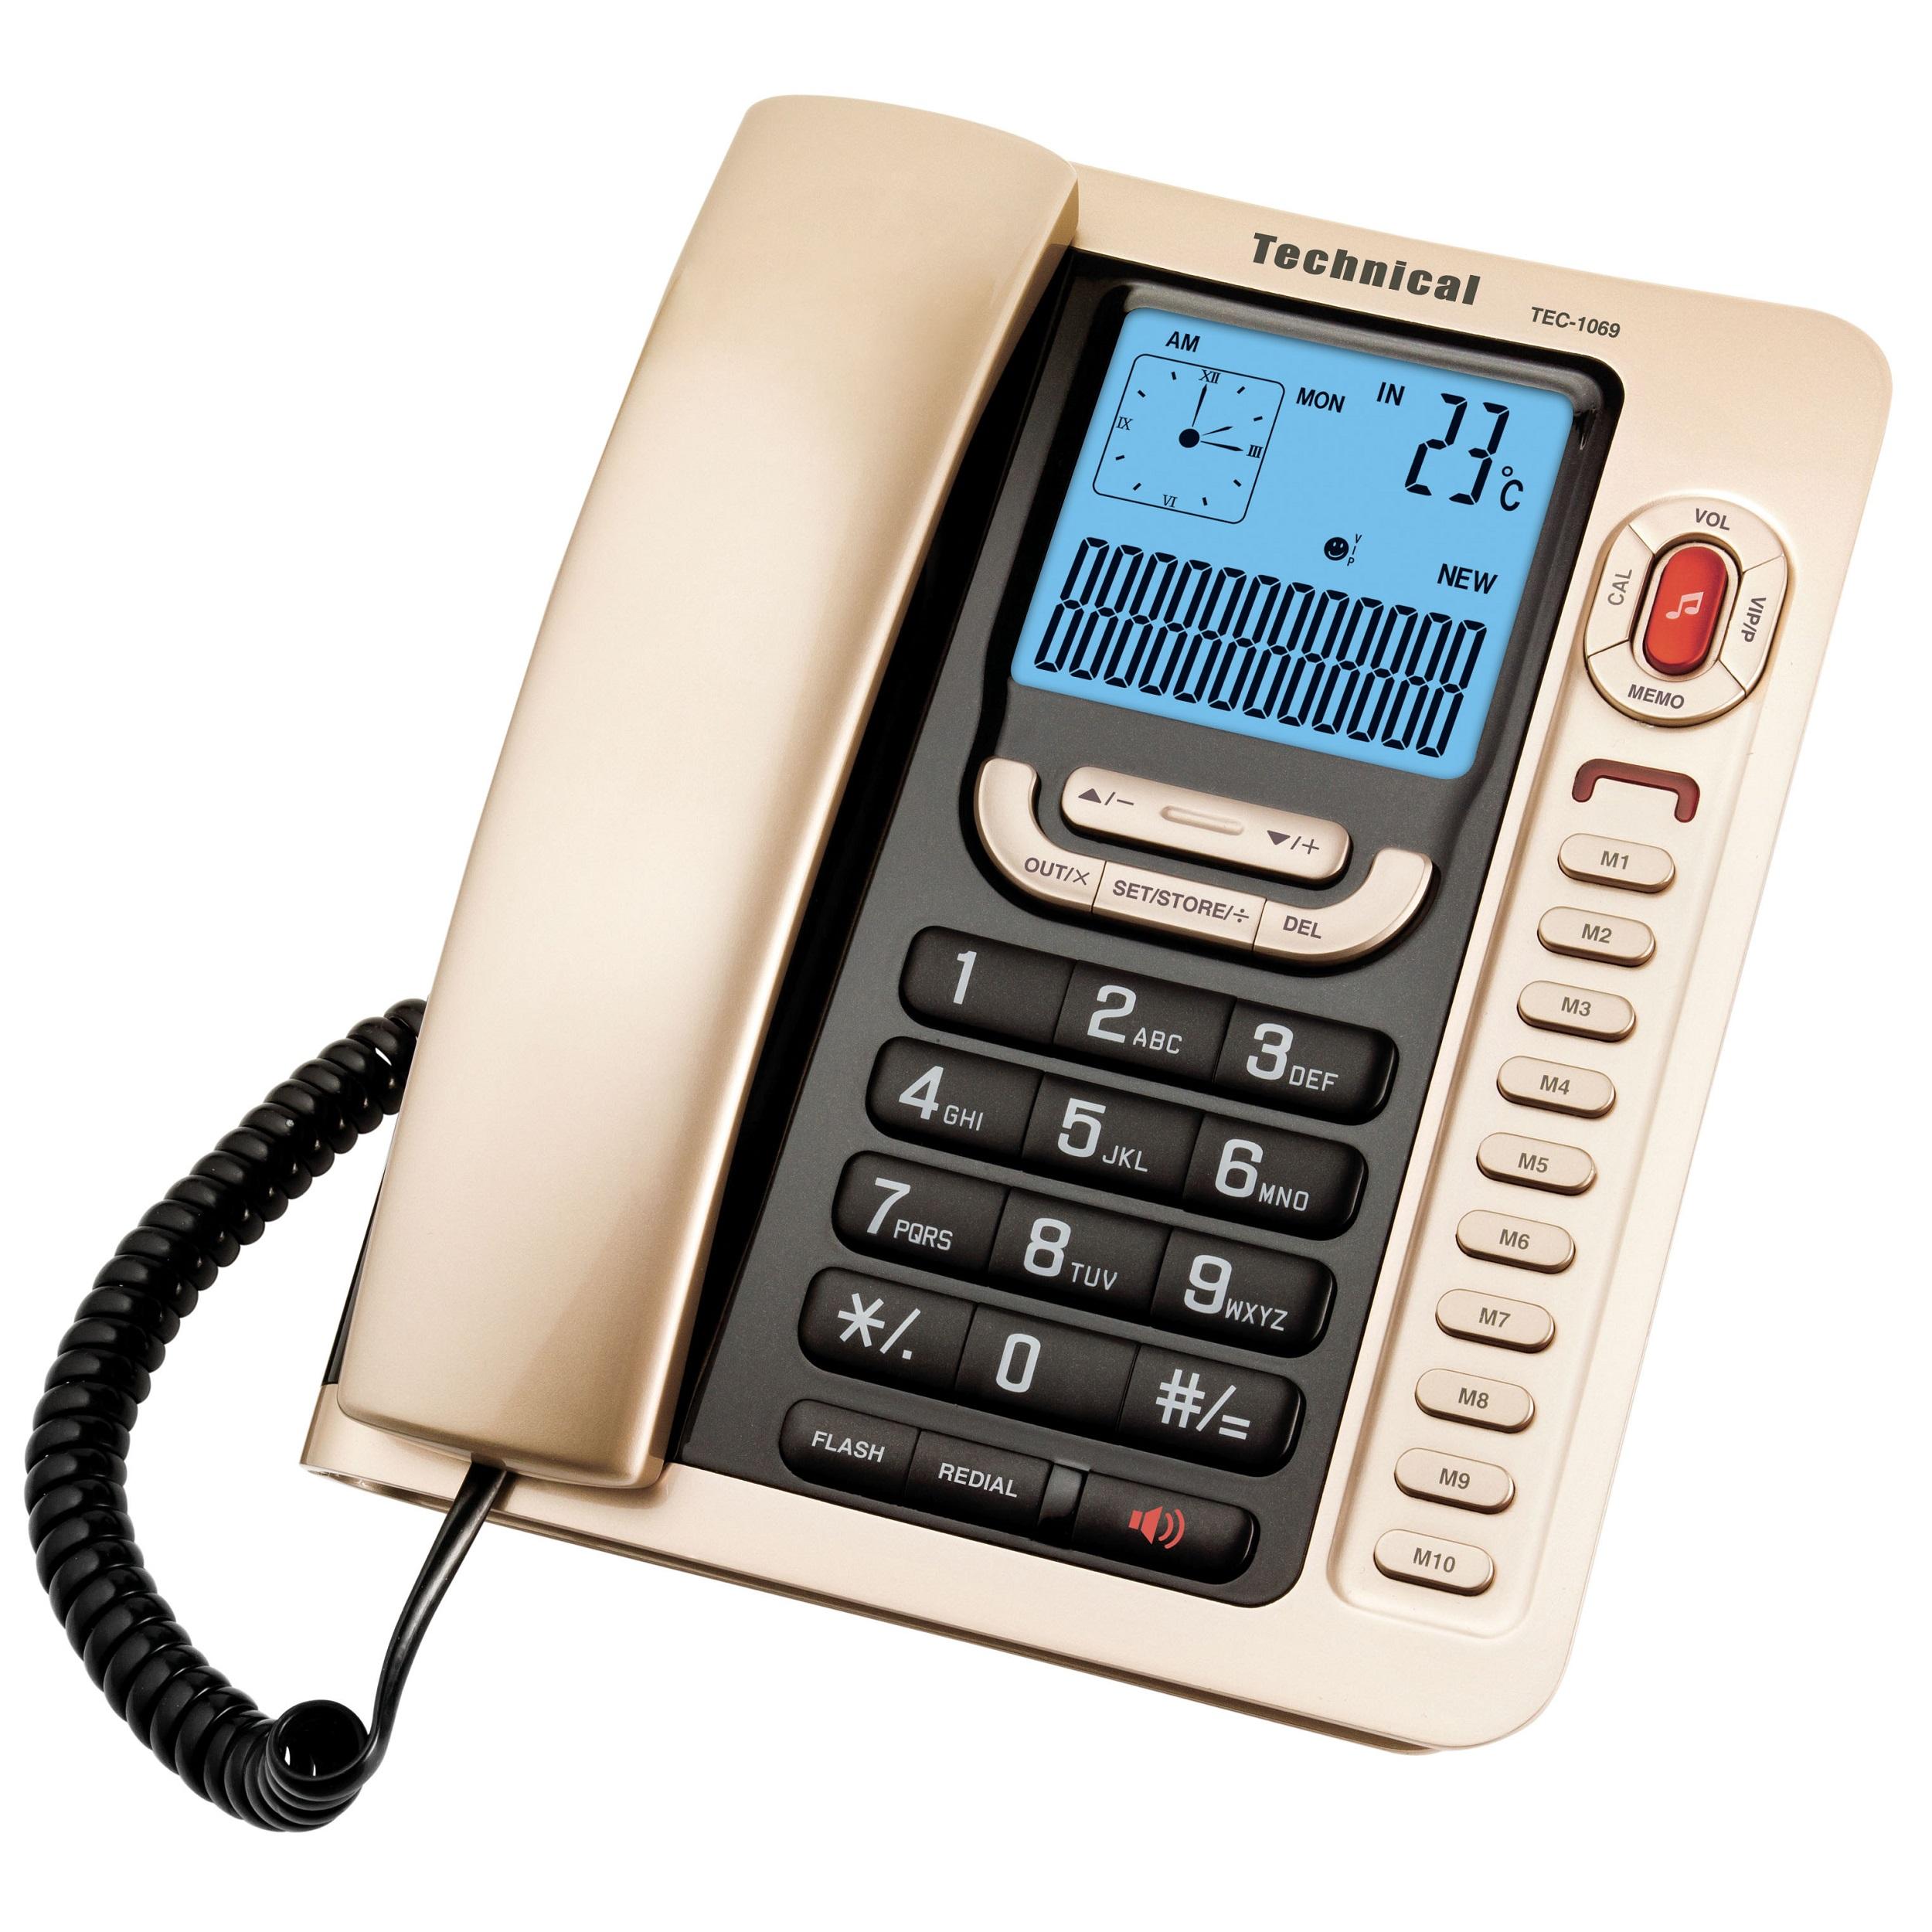 تلفن تکنیکال مدل TEC-1069